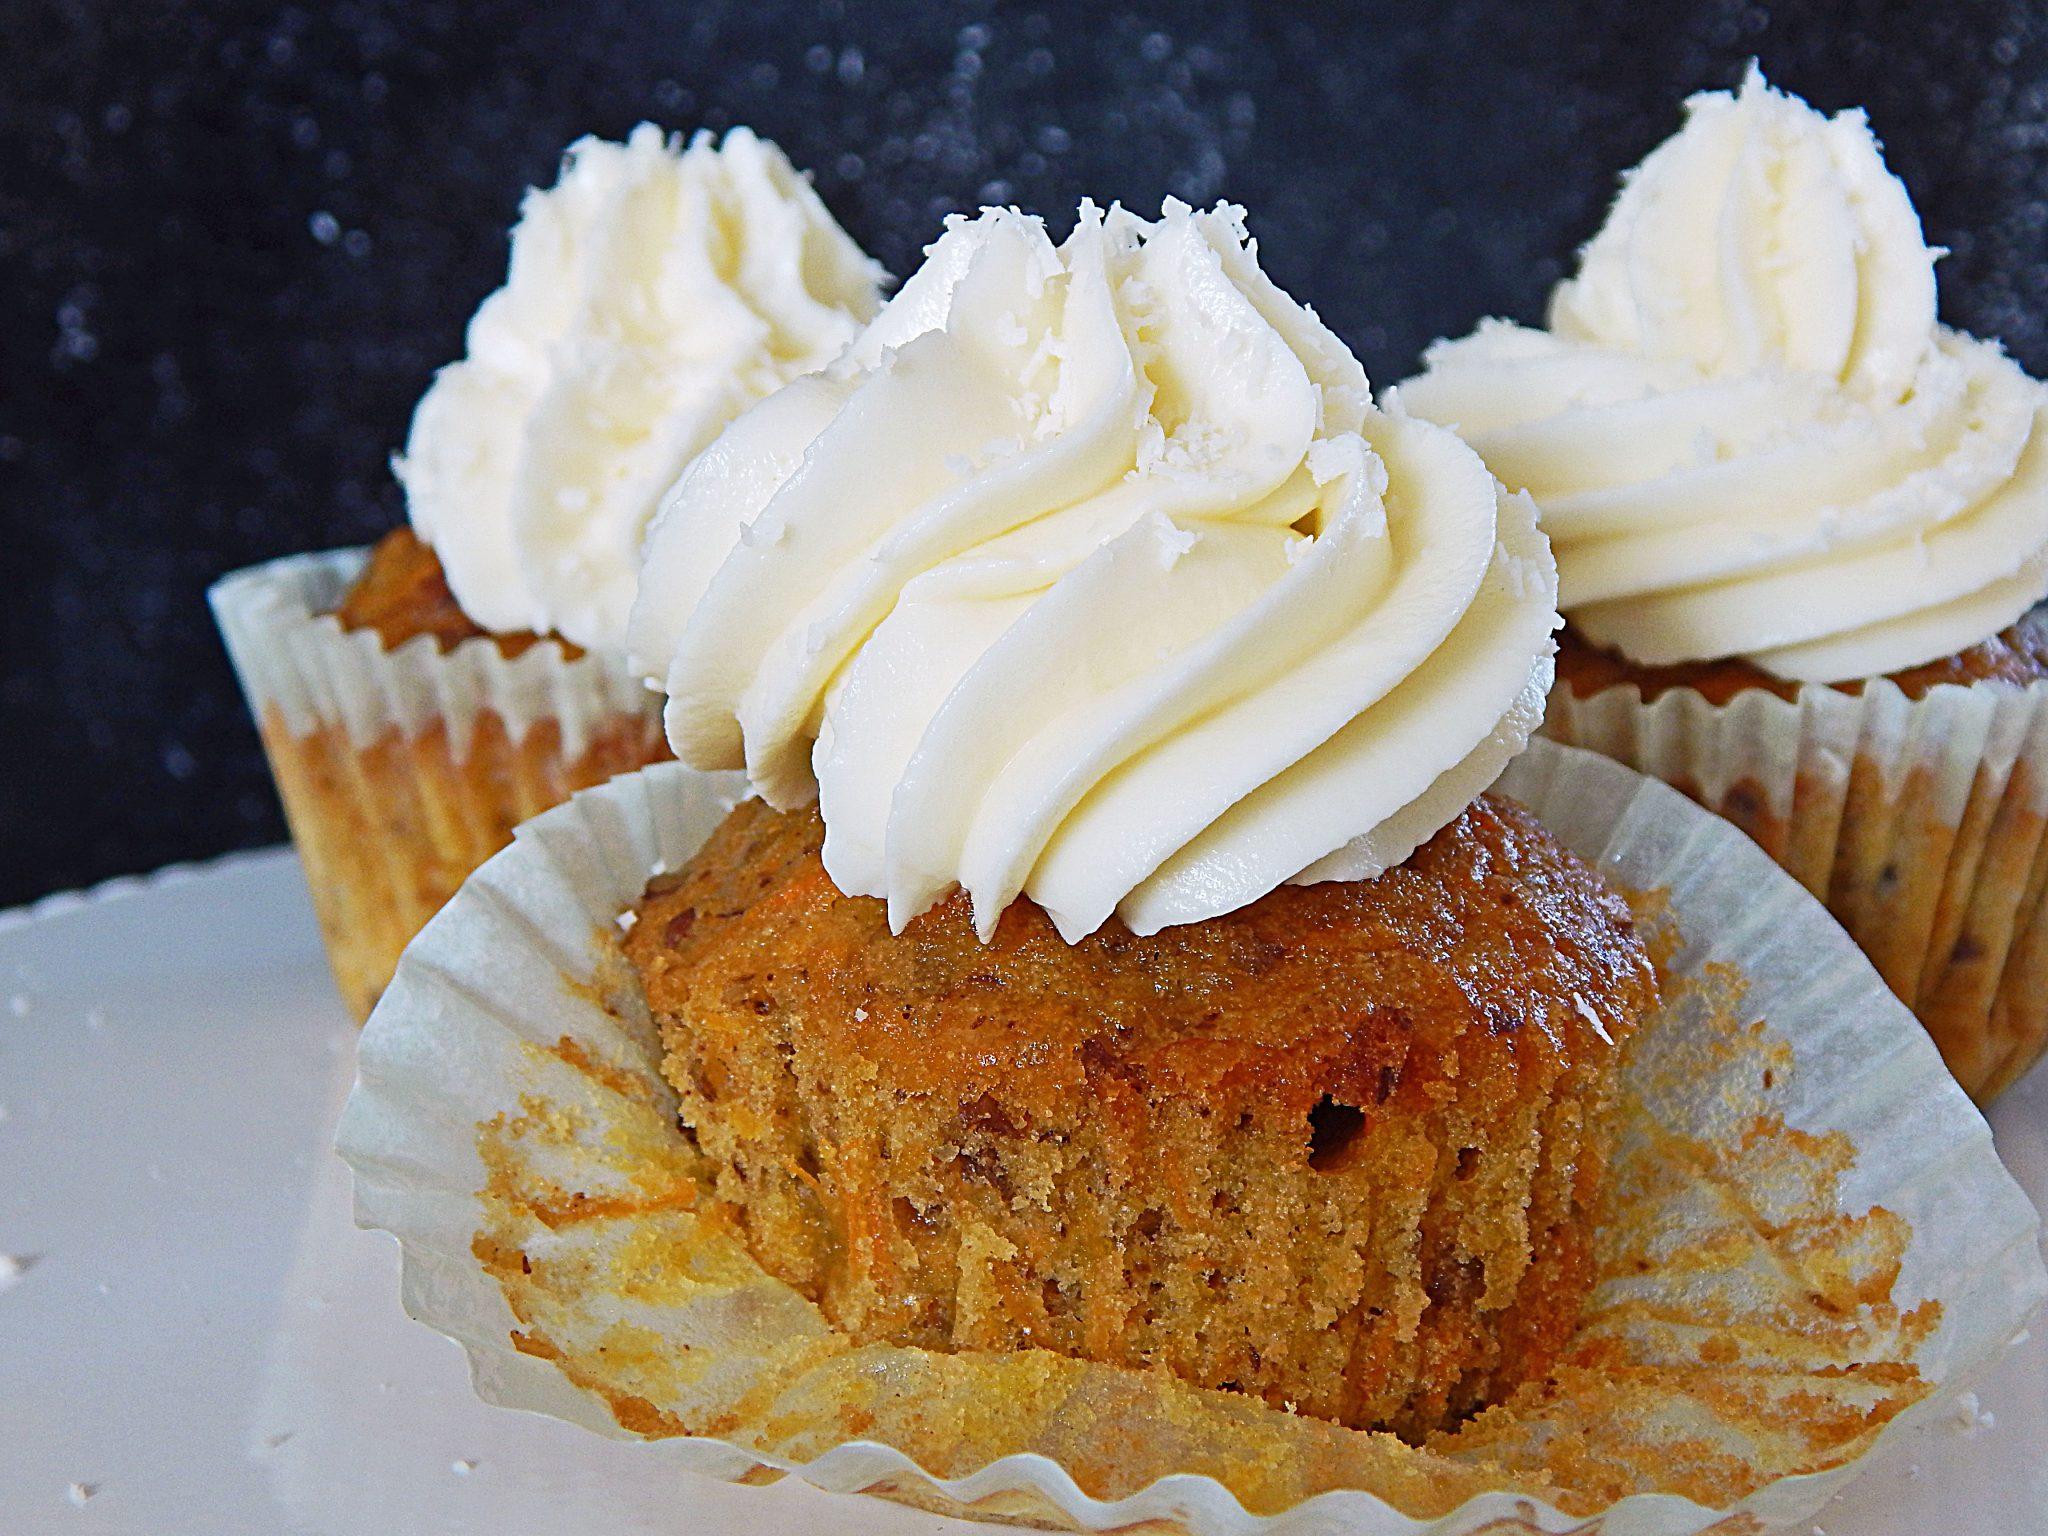 Karottencupcakes mit Frischkäse-Kokos-Frosting